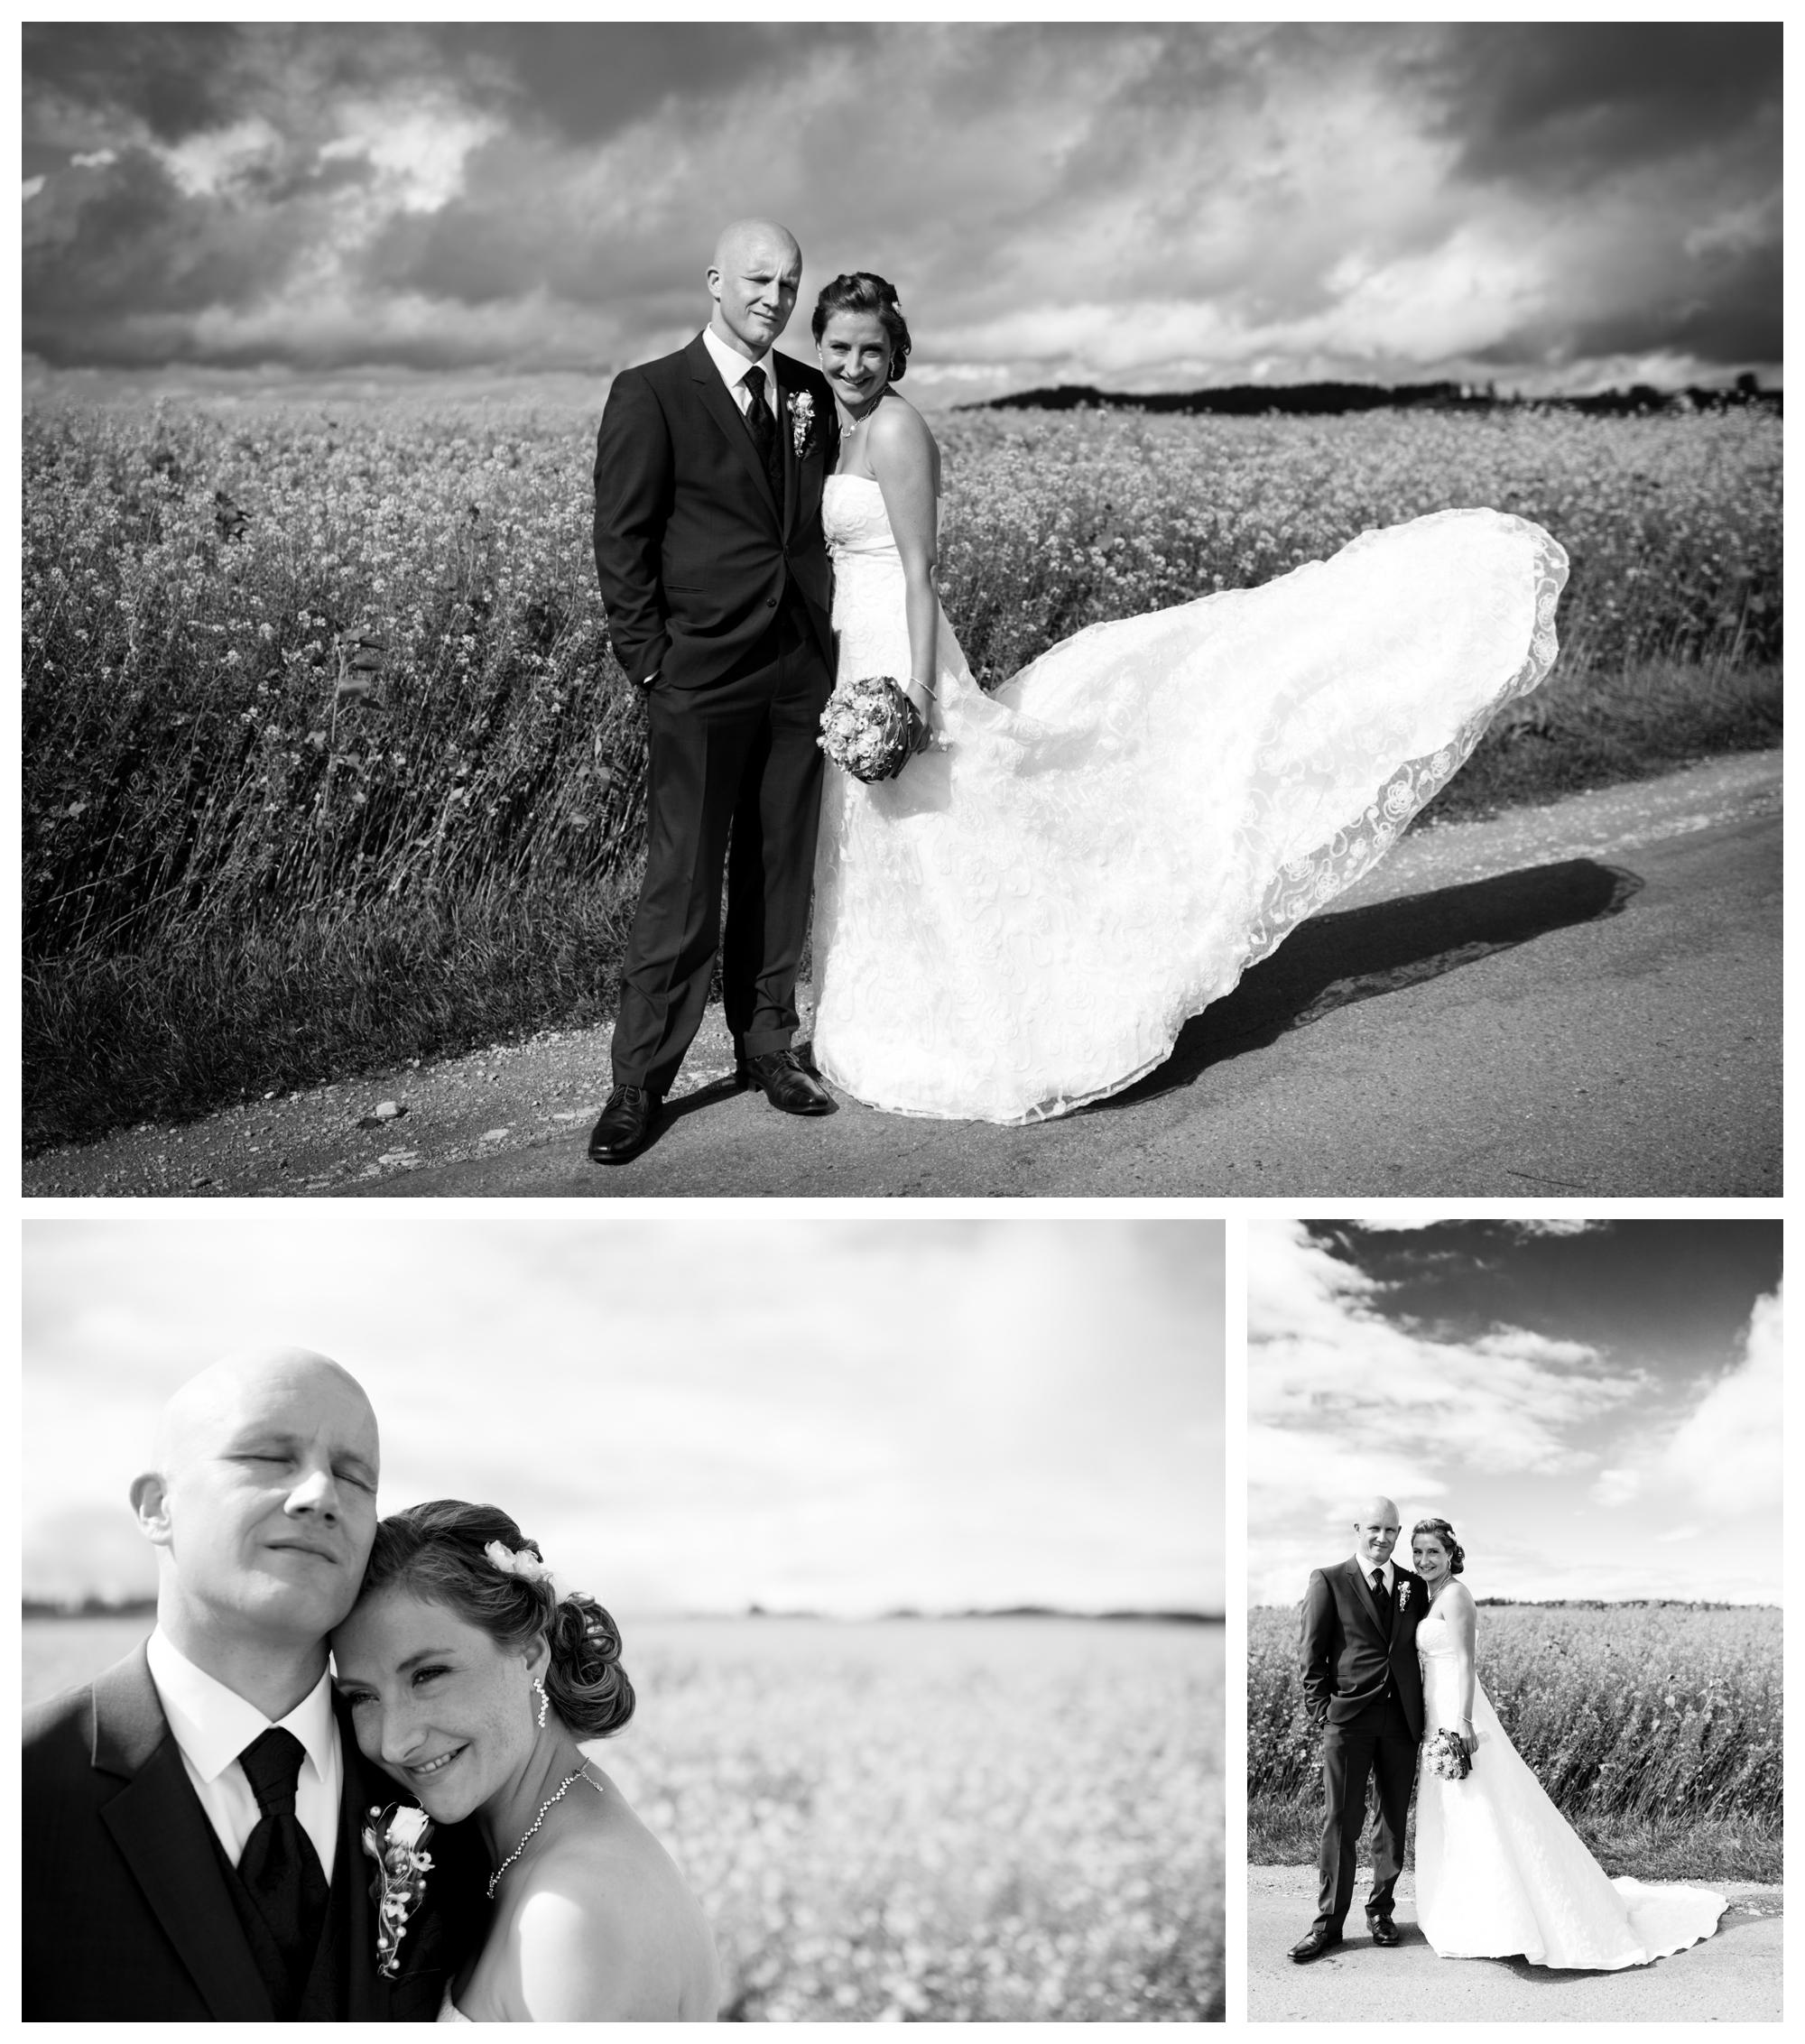 Fotograf Konstanz - Als Hochzeitsfotograf in Bad Dürrheim unterwegs  - 28 -